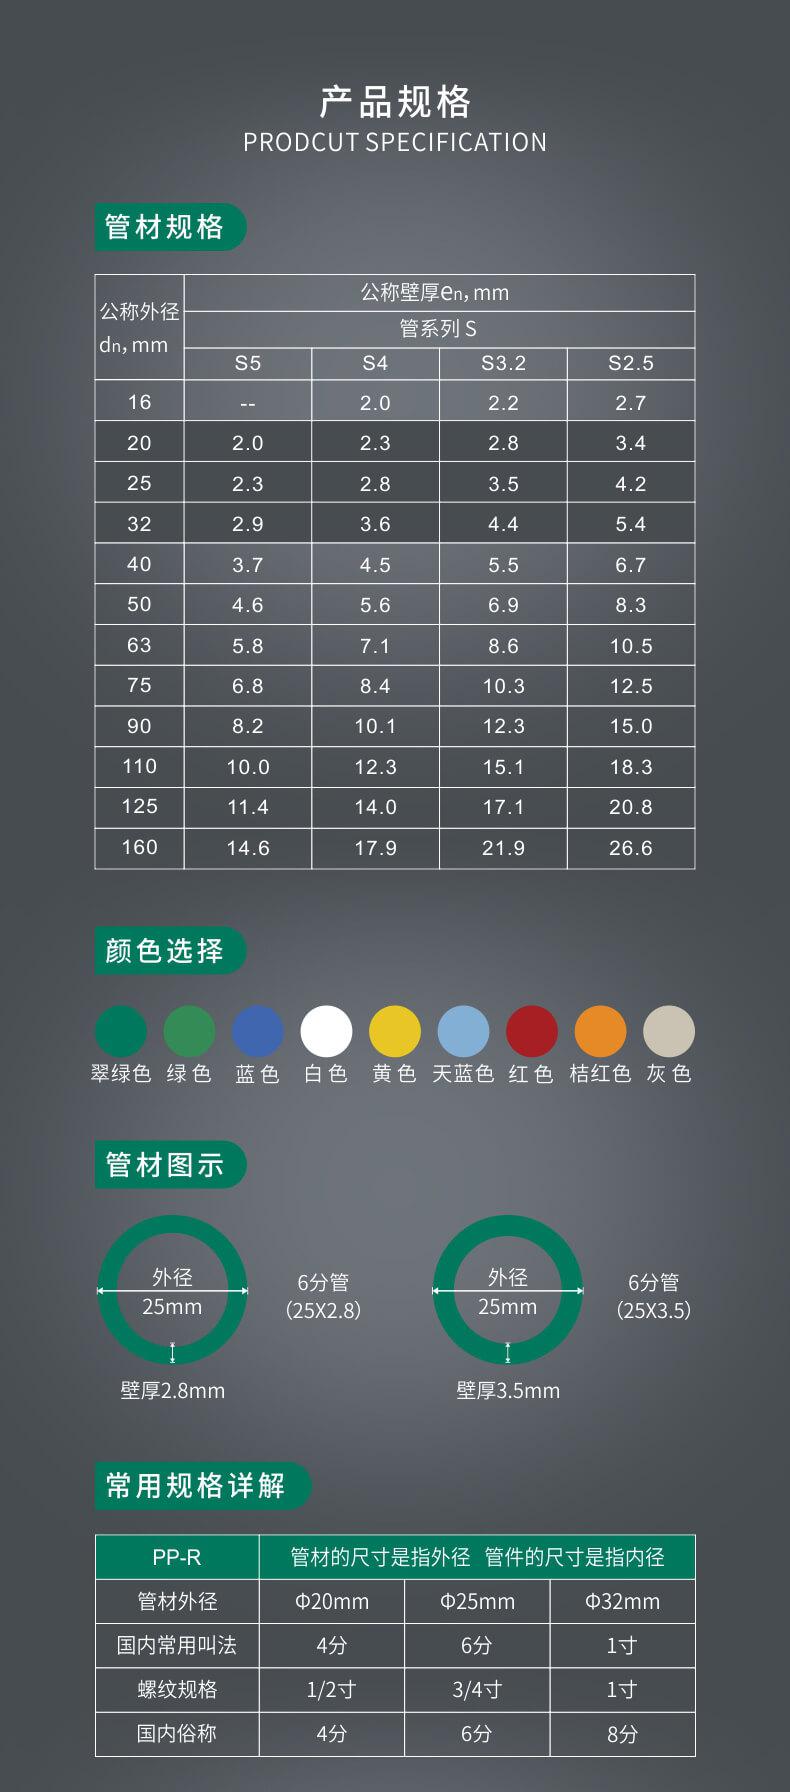 产品规格(PPR).JPG